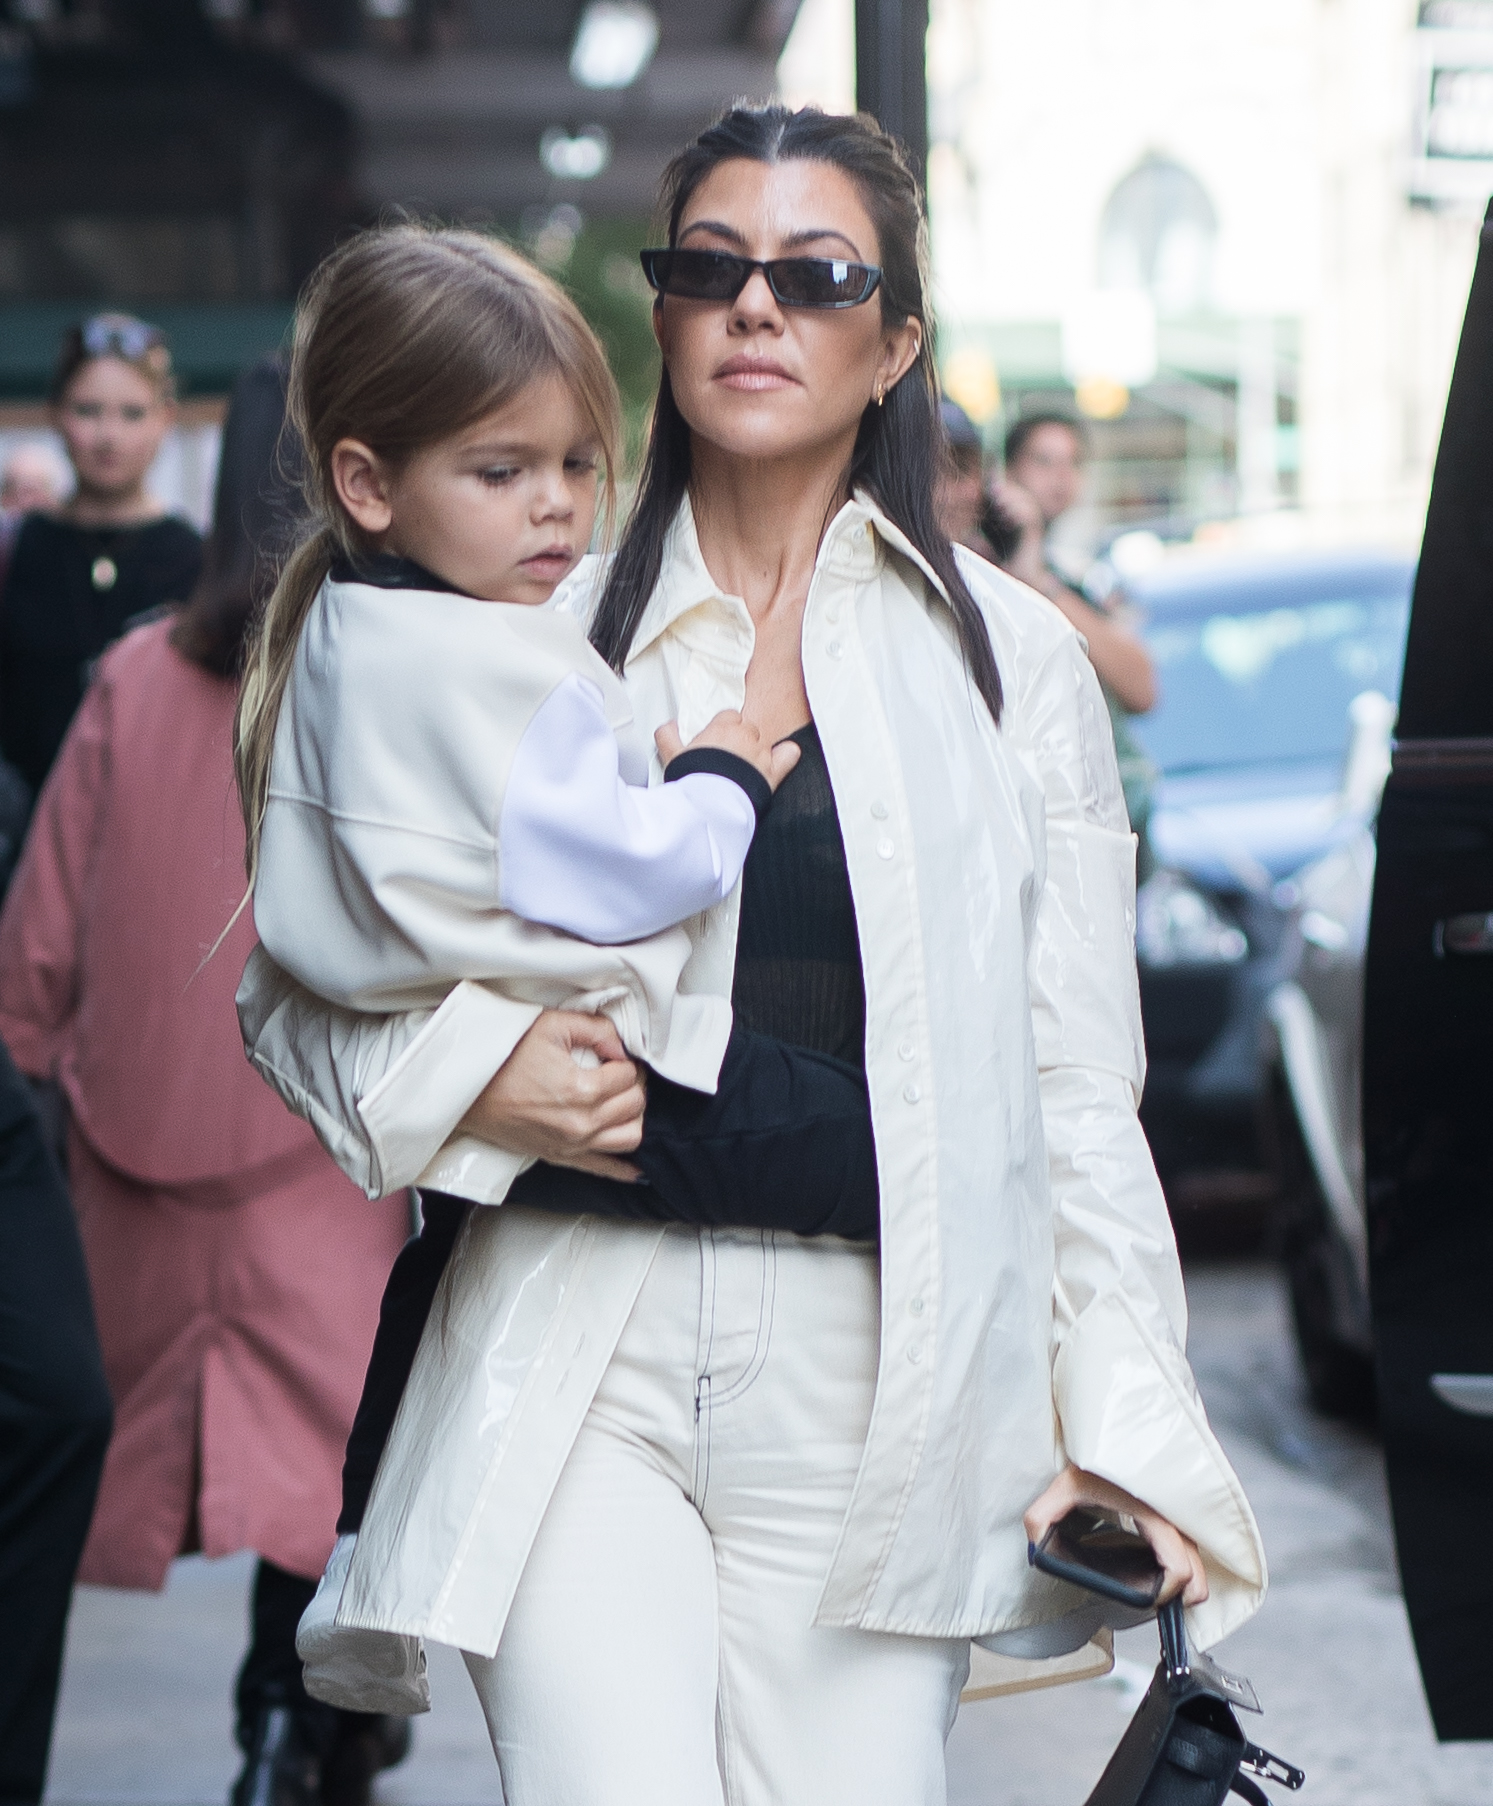 Ο γιος της Kourtney Kardashian έγινε viral γιατί… άλλαξε κούρεμα!